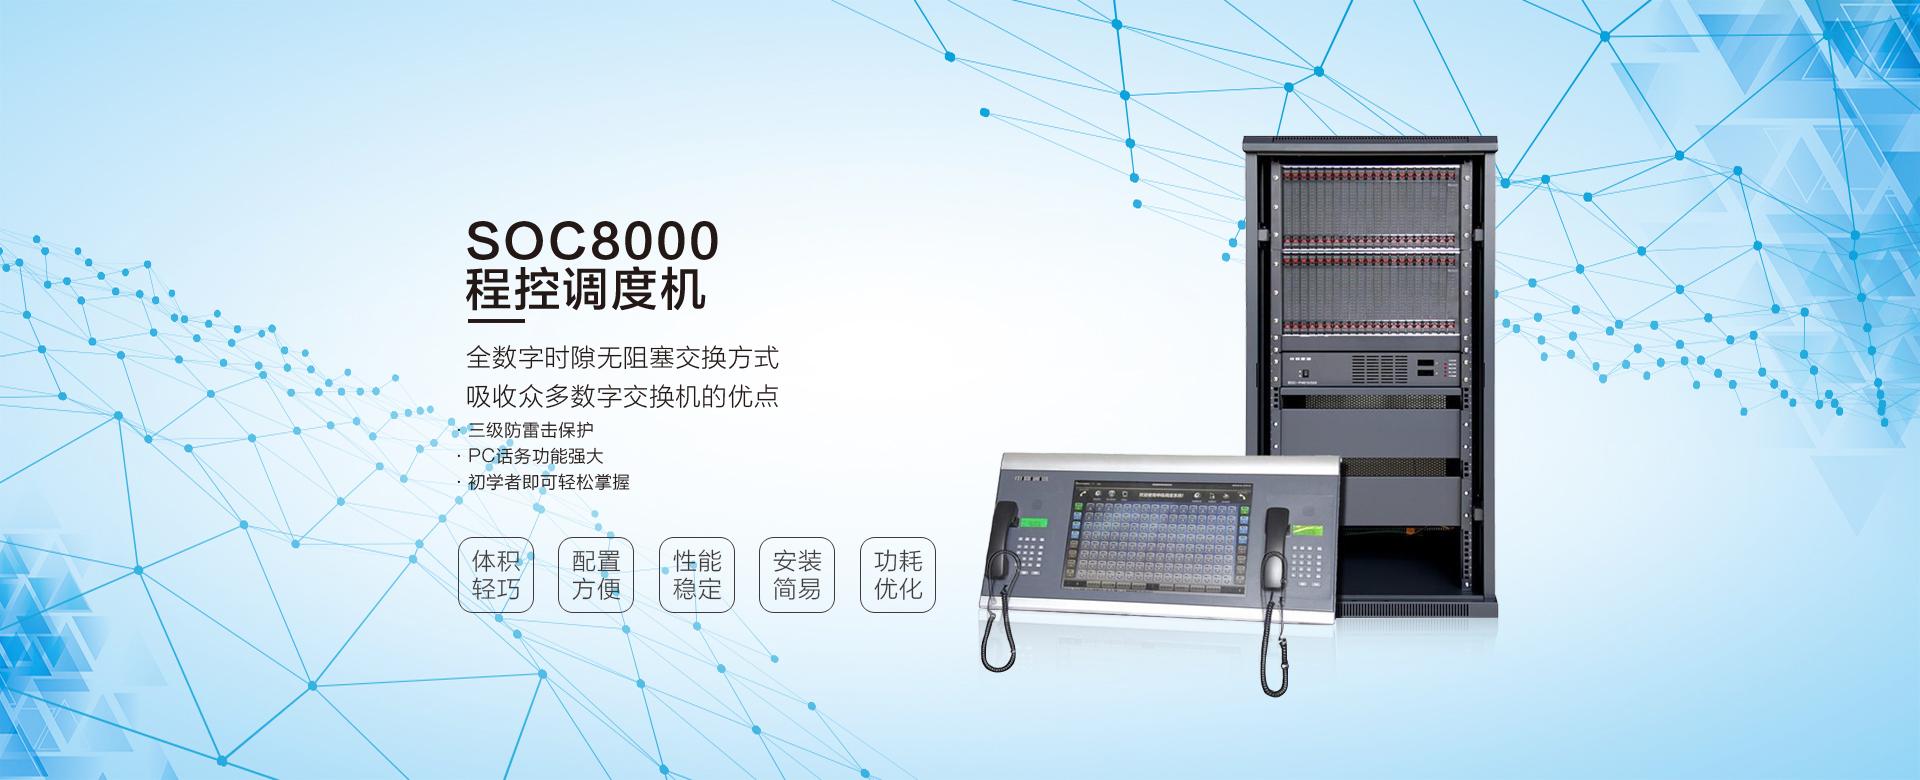 SOC8000泛亚电竞在线平台调度机